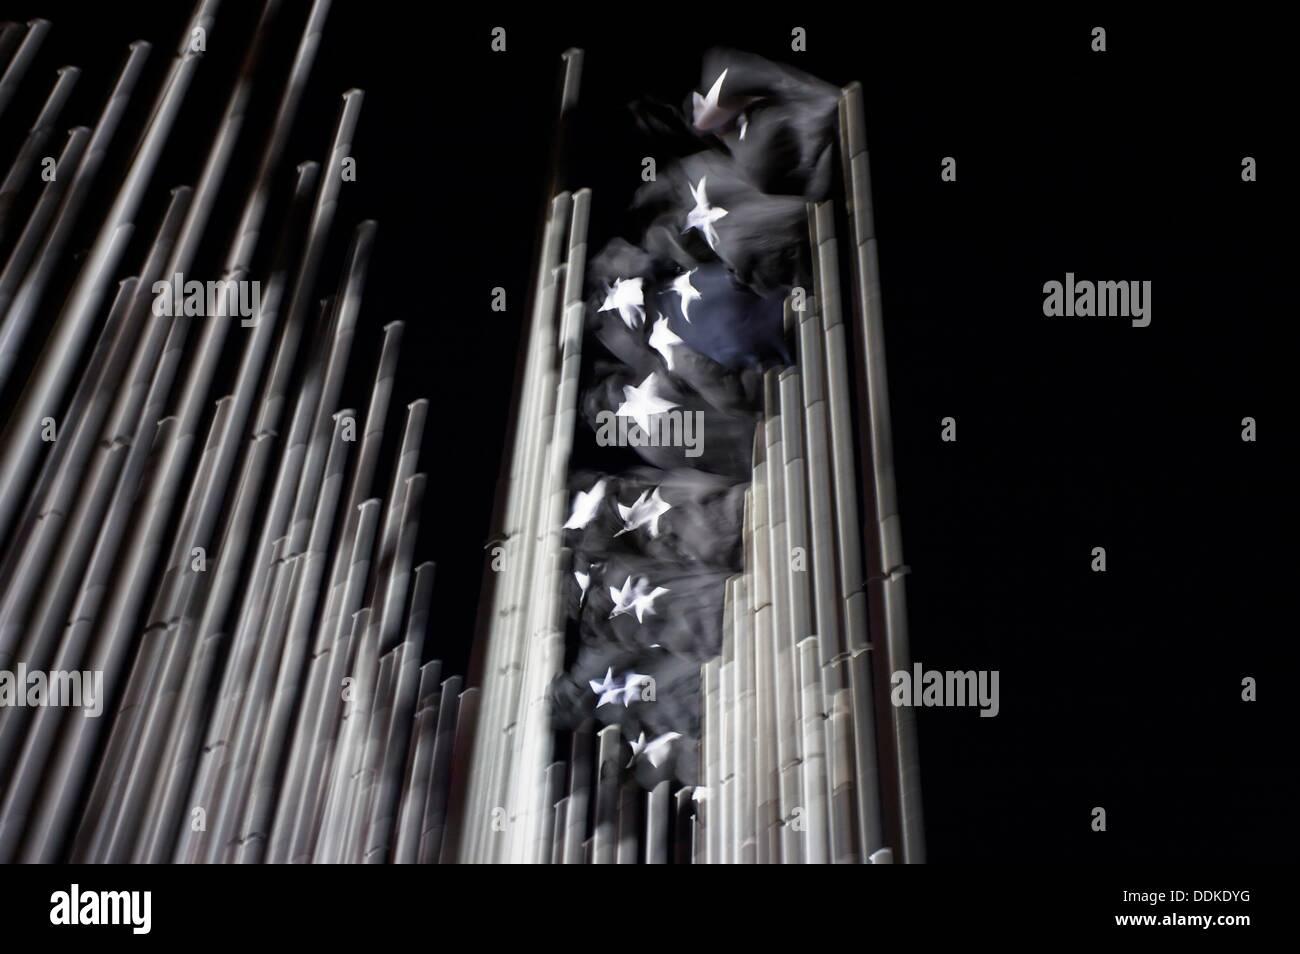 38 enormes banderas negras teniendo una estrella blanca en la parte delantera de la U S misión diplomática en La Habana al duelo por las víctimas de la 1961 Imagen De Stock